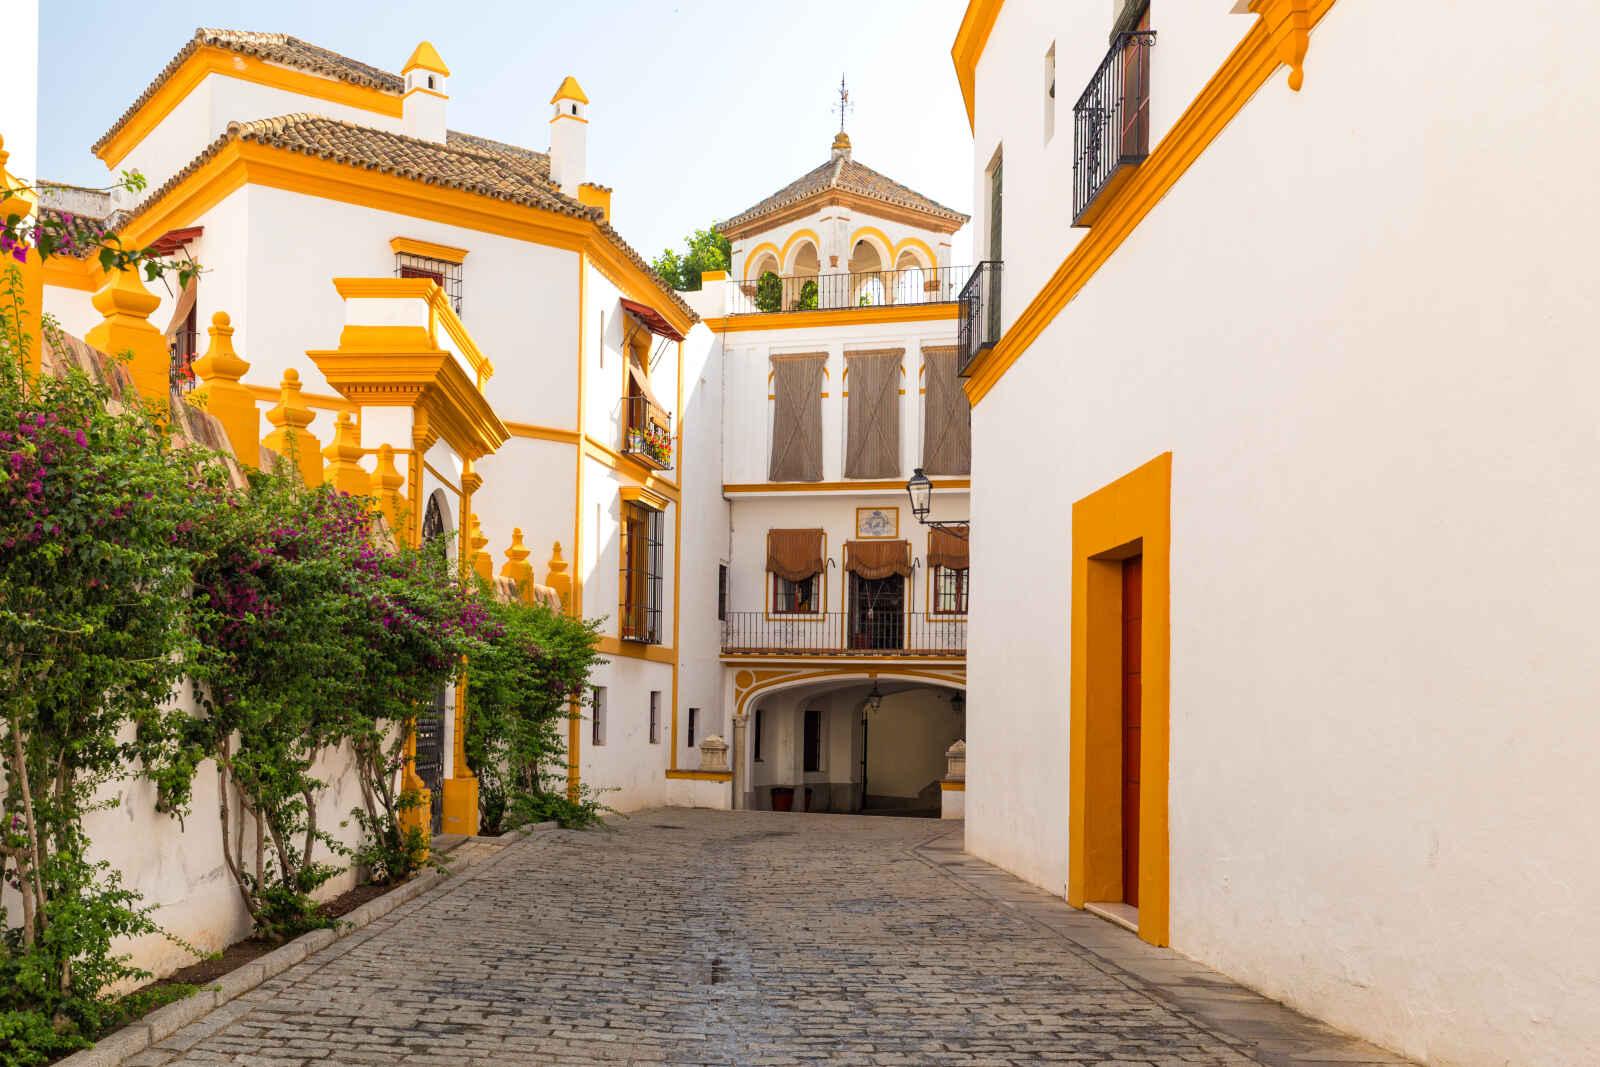 Espagne : Séville, la belle andalouse